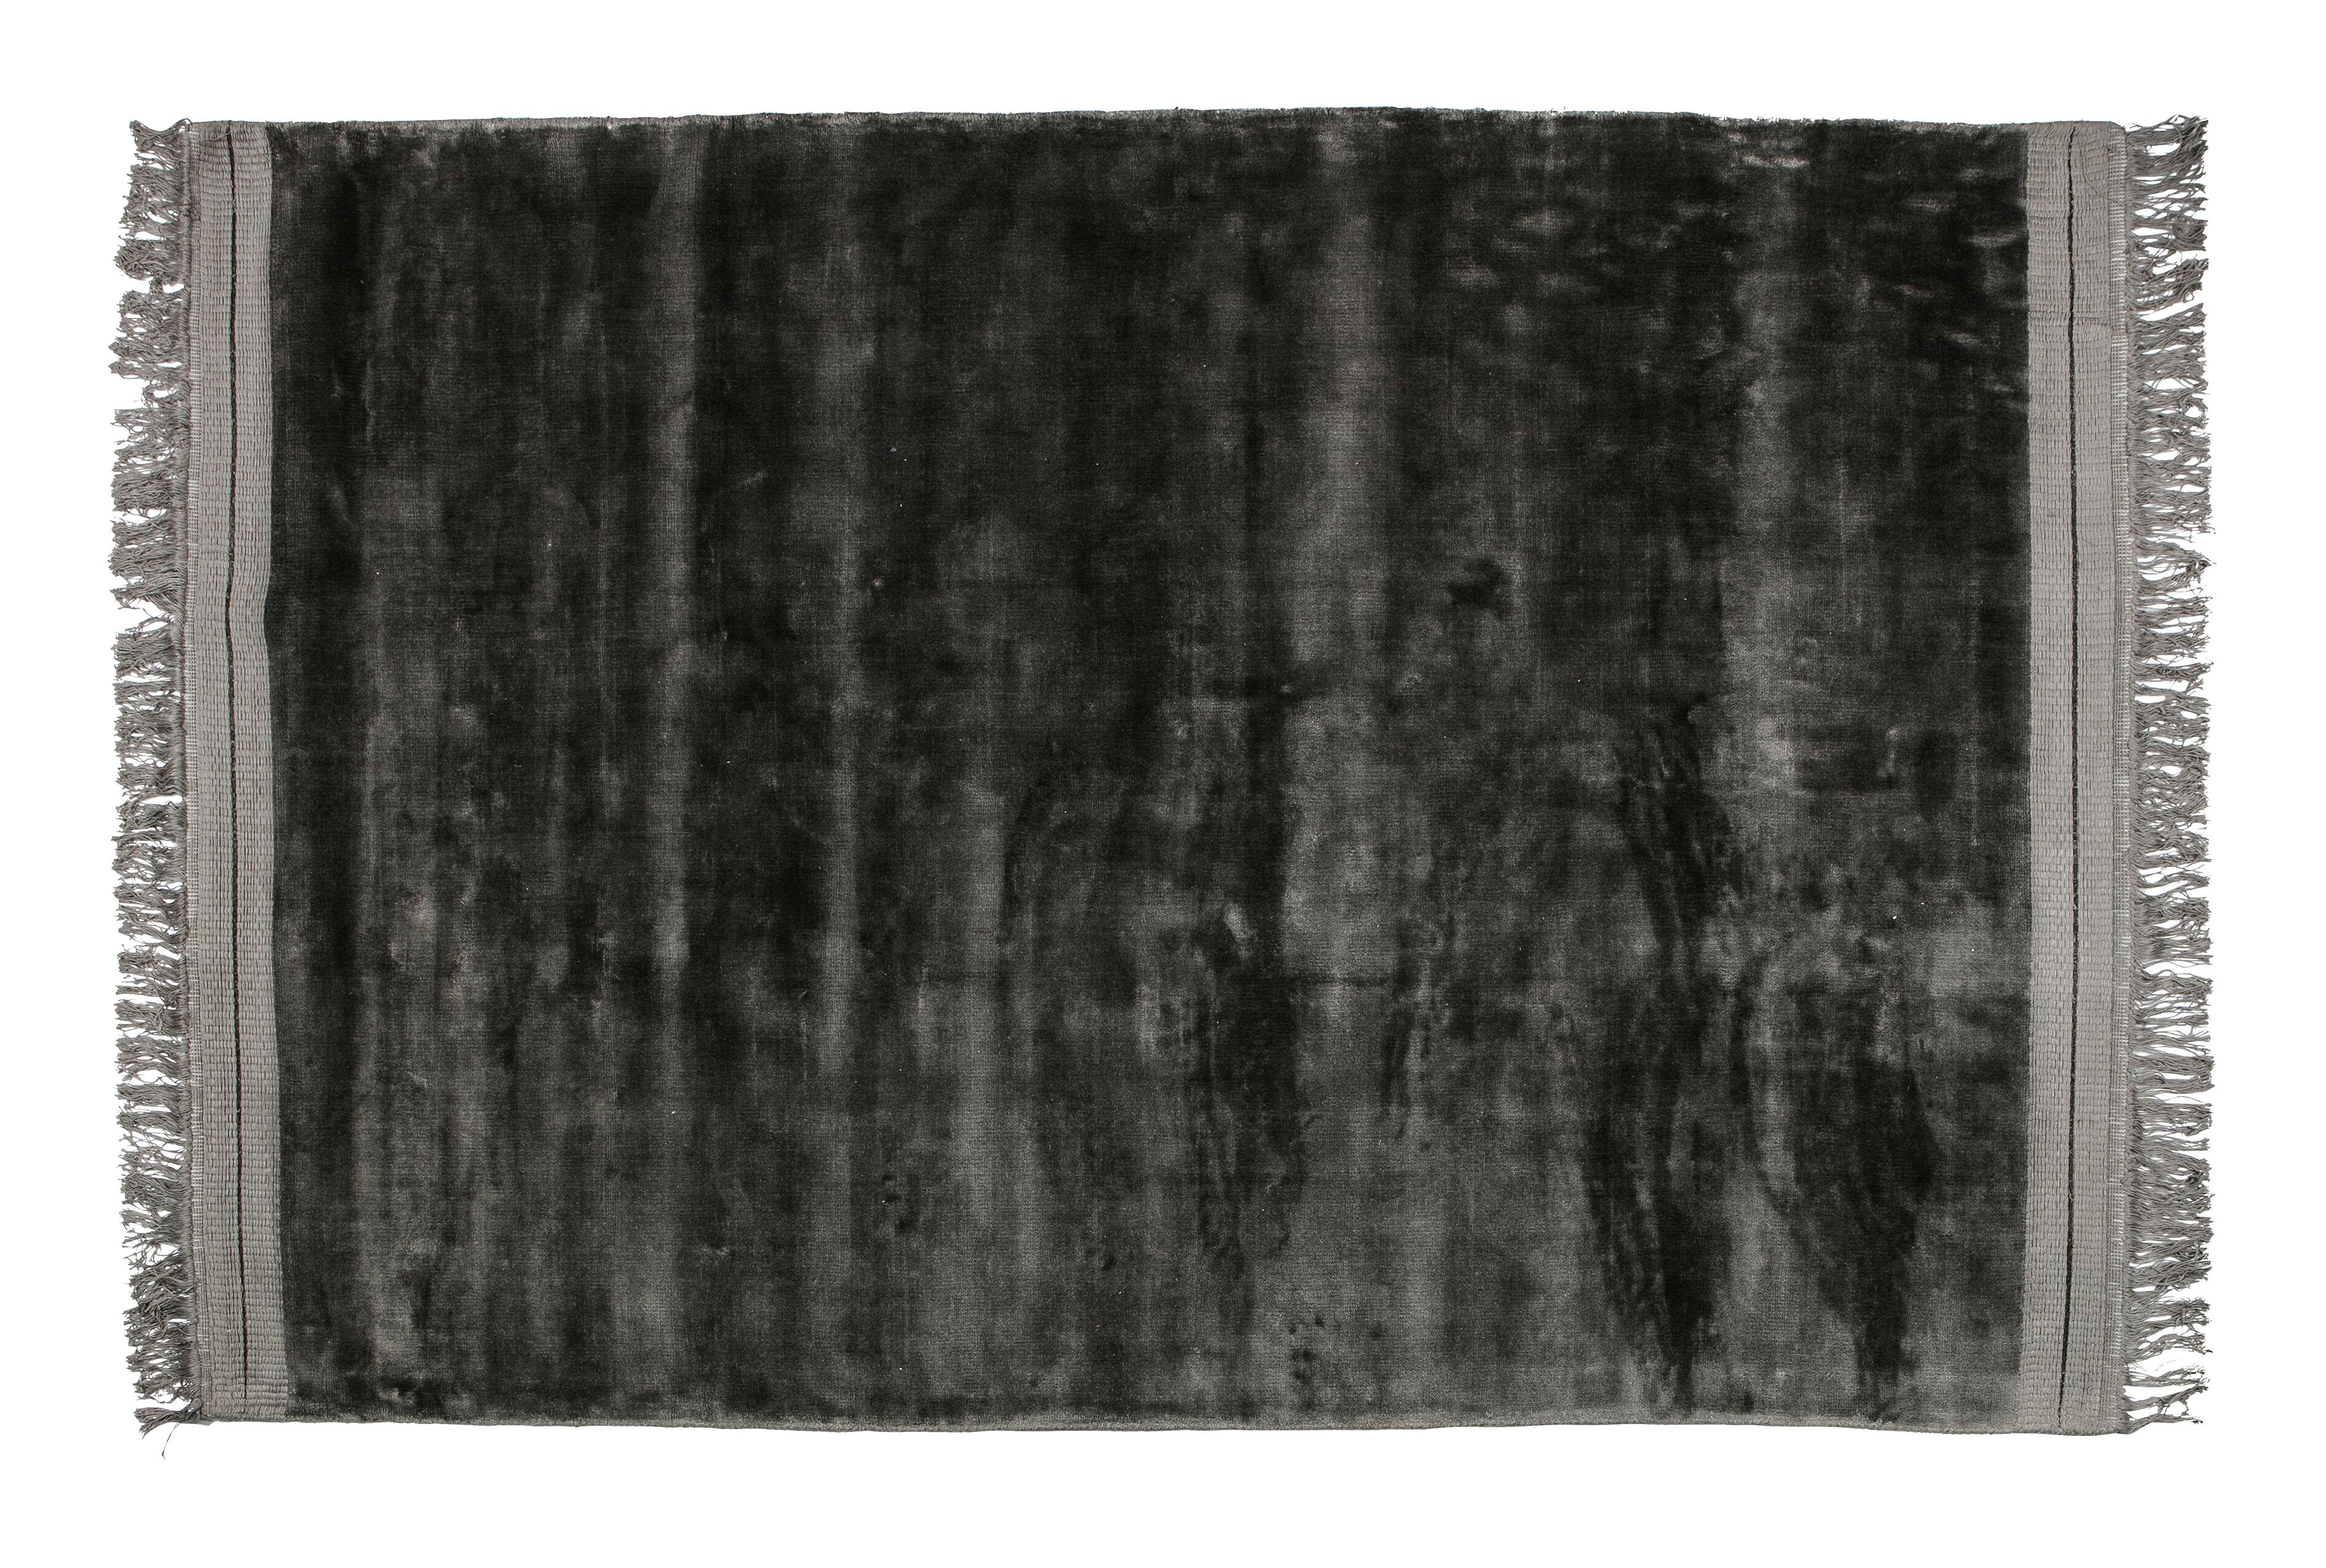 BePureHome Vloerkleed 'Ravel' 170 x 240cm, kleur antraciet